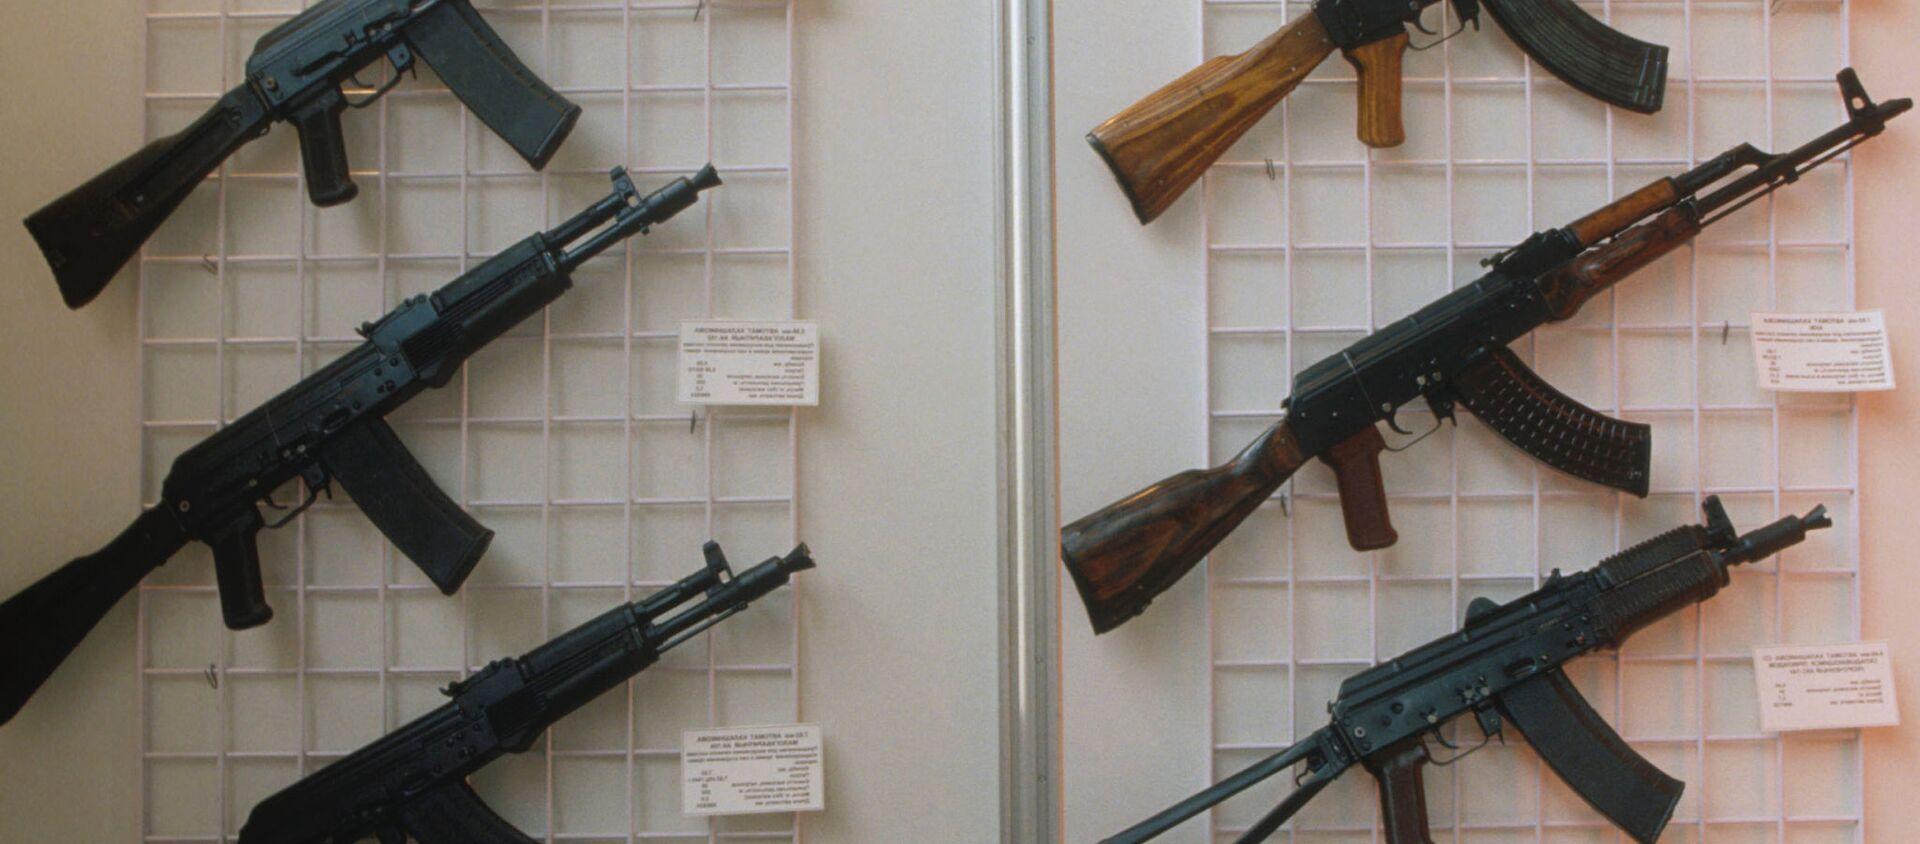 Automaty Kałasznikowa na wystawie w Moskwie, modele: AK-47, AKM, AKS-74U, AK-74MN, AK-10, AK-102, AK-104, AK-103 - Sputnik Polska, 1920, 01.02.2021